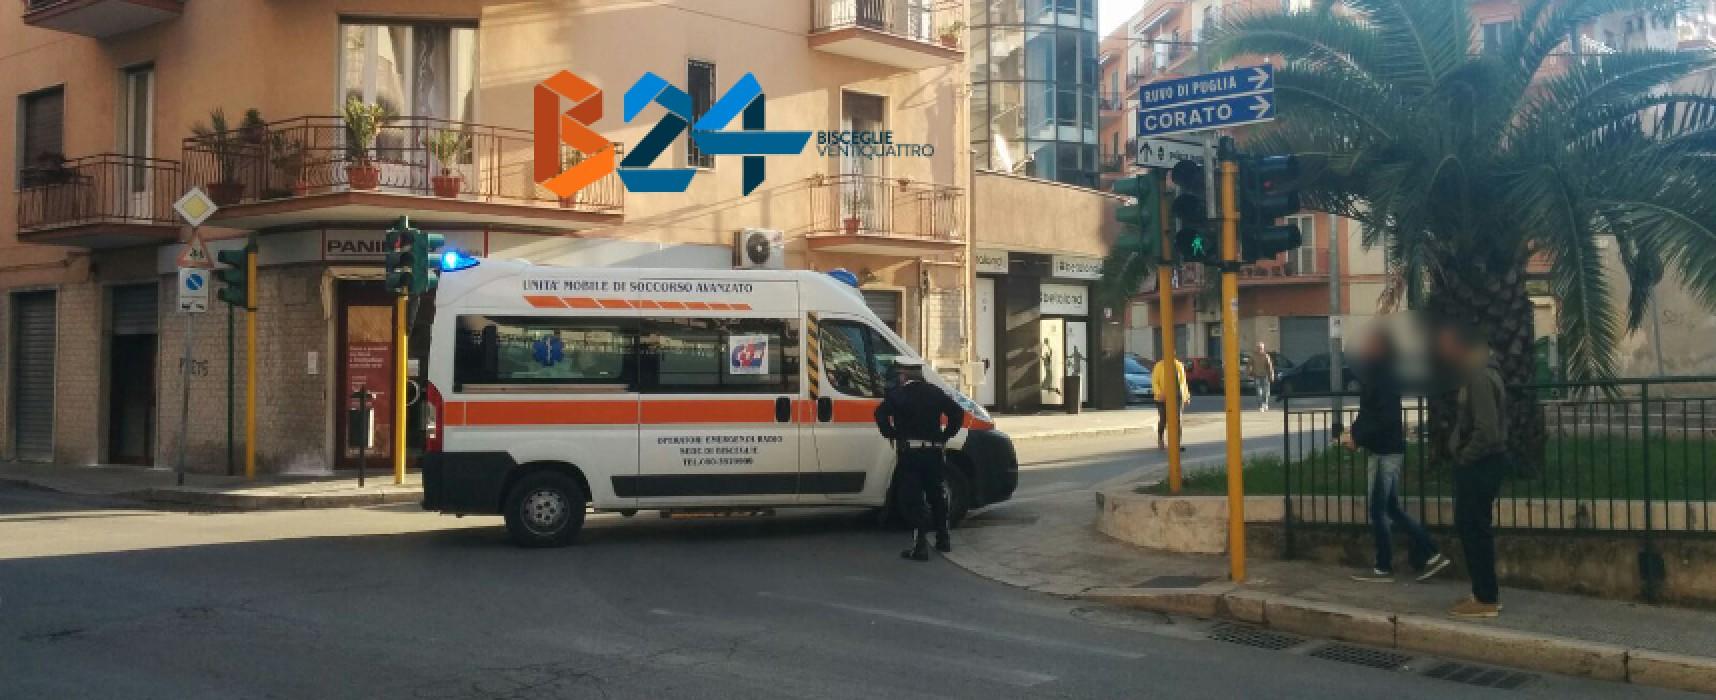 Investito pedone in via Piave, finisce in ospedale